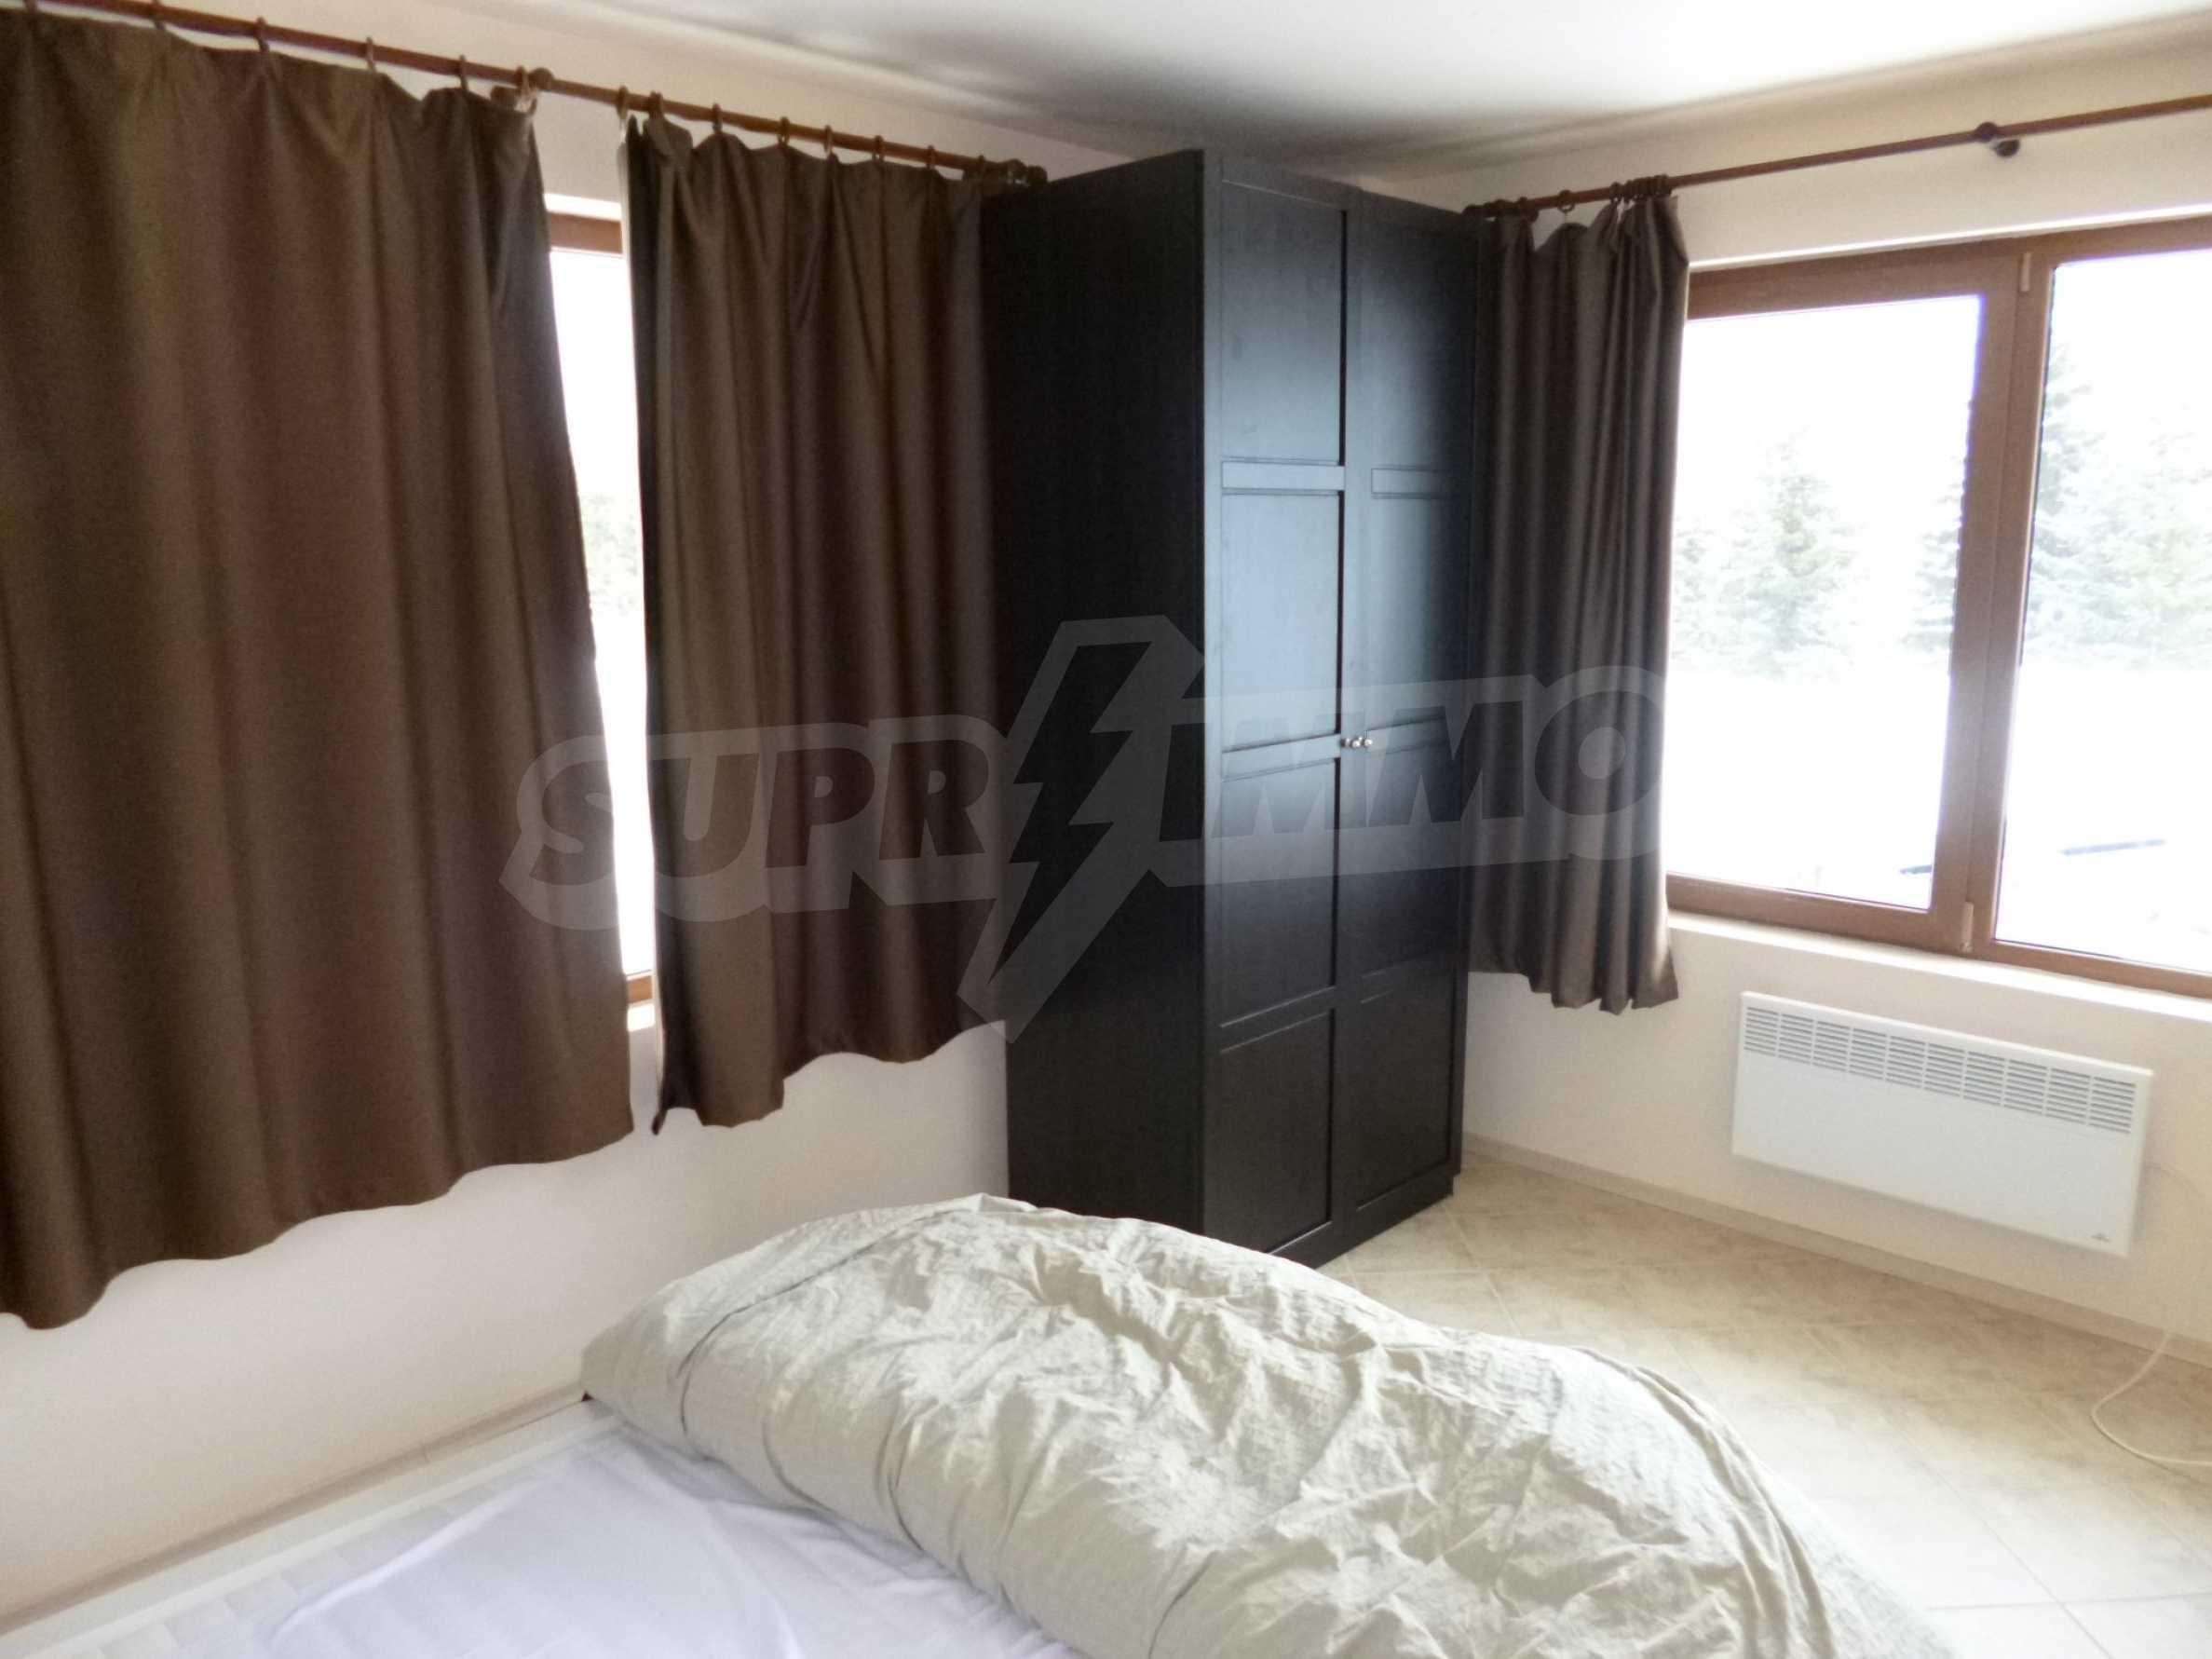 Apartment mit zwei Schlafzimmern im Panoramakomplex 8